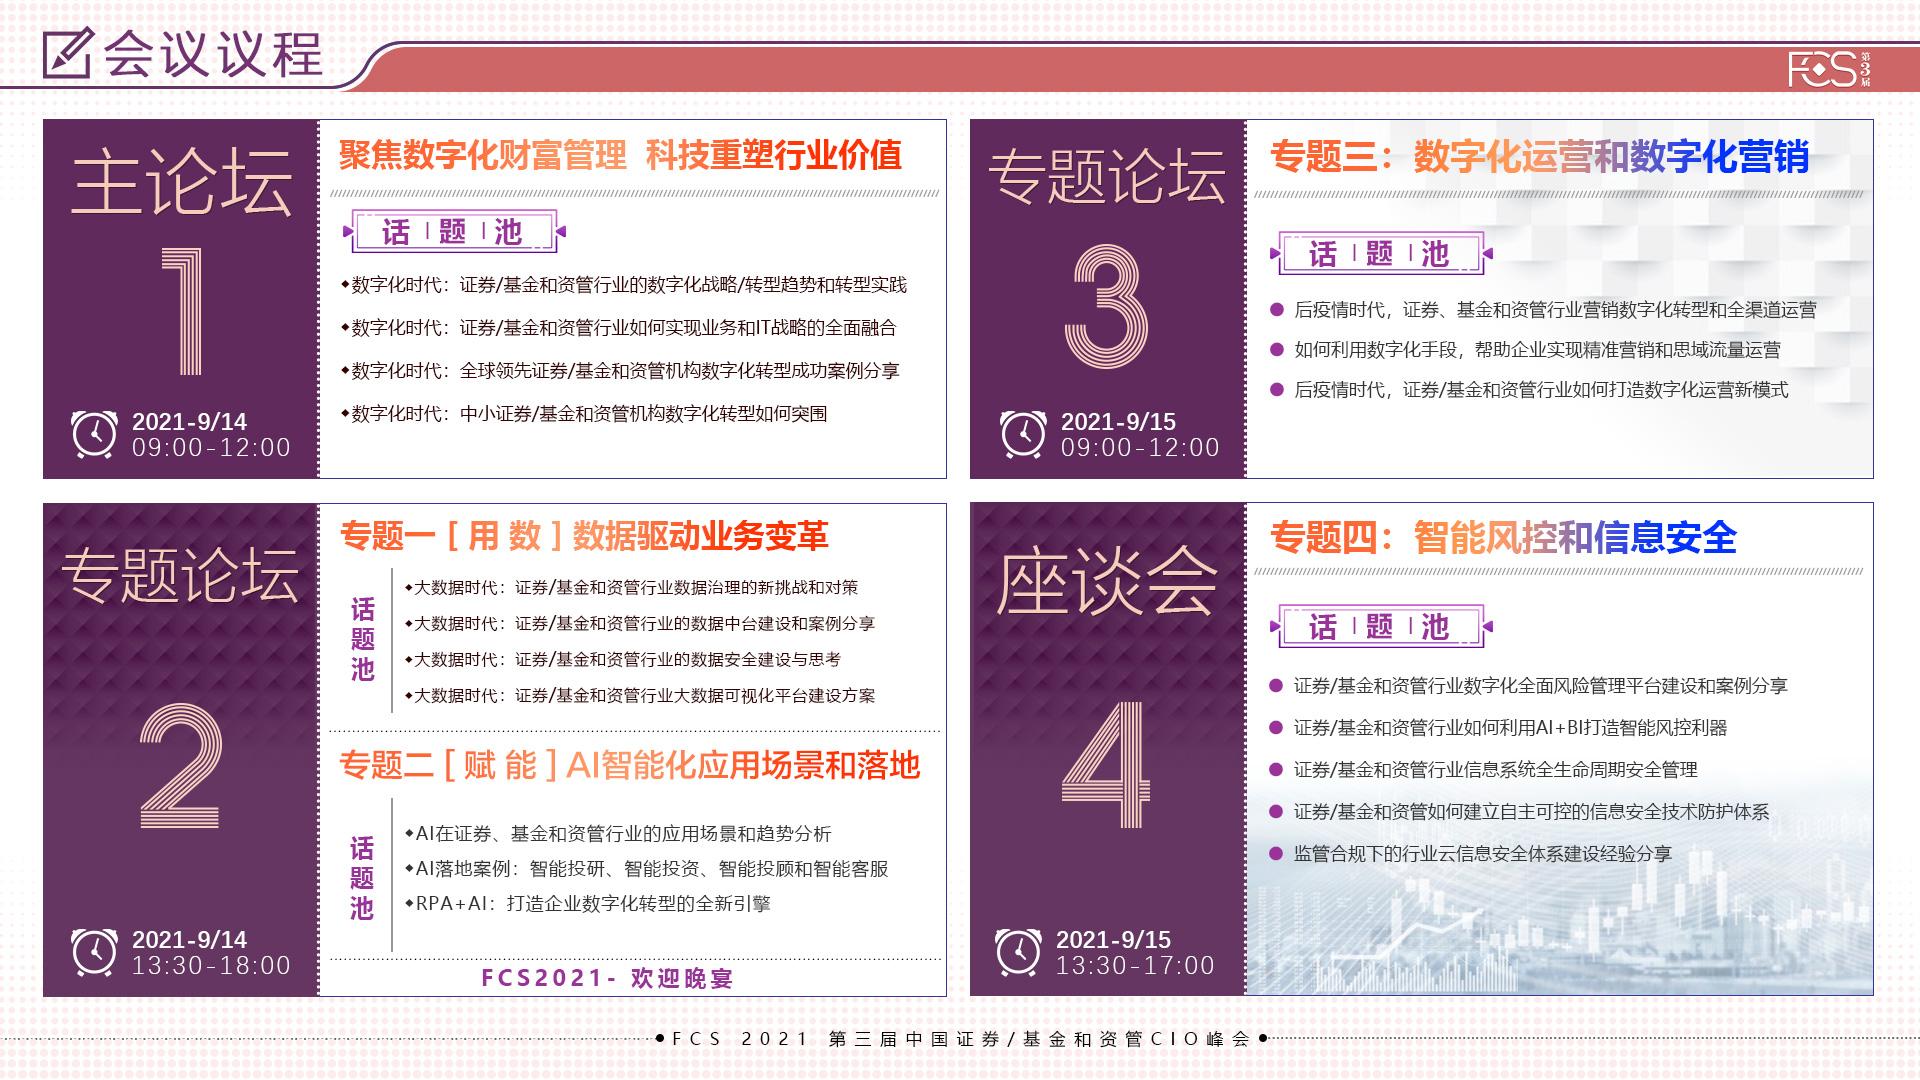 FCS 2021第三屆中國證券基金和資管CIO峰會